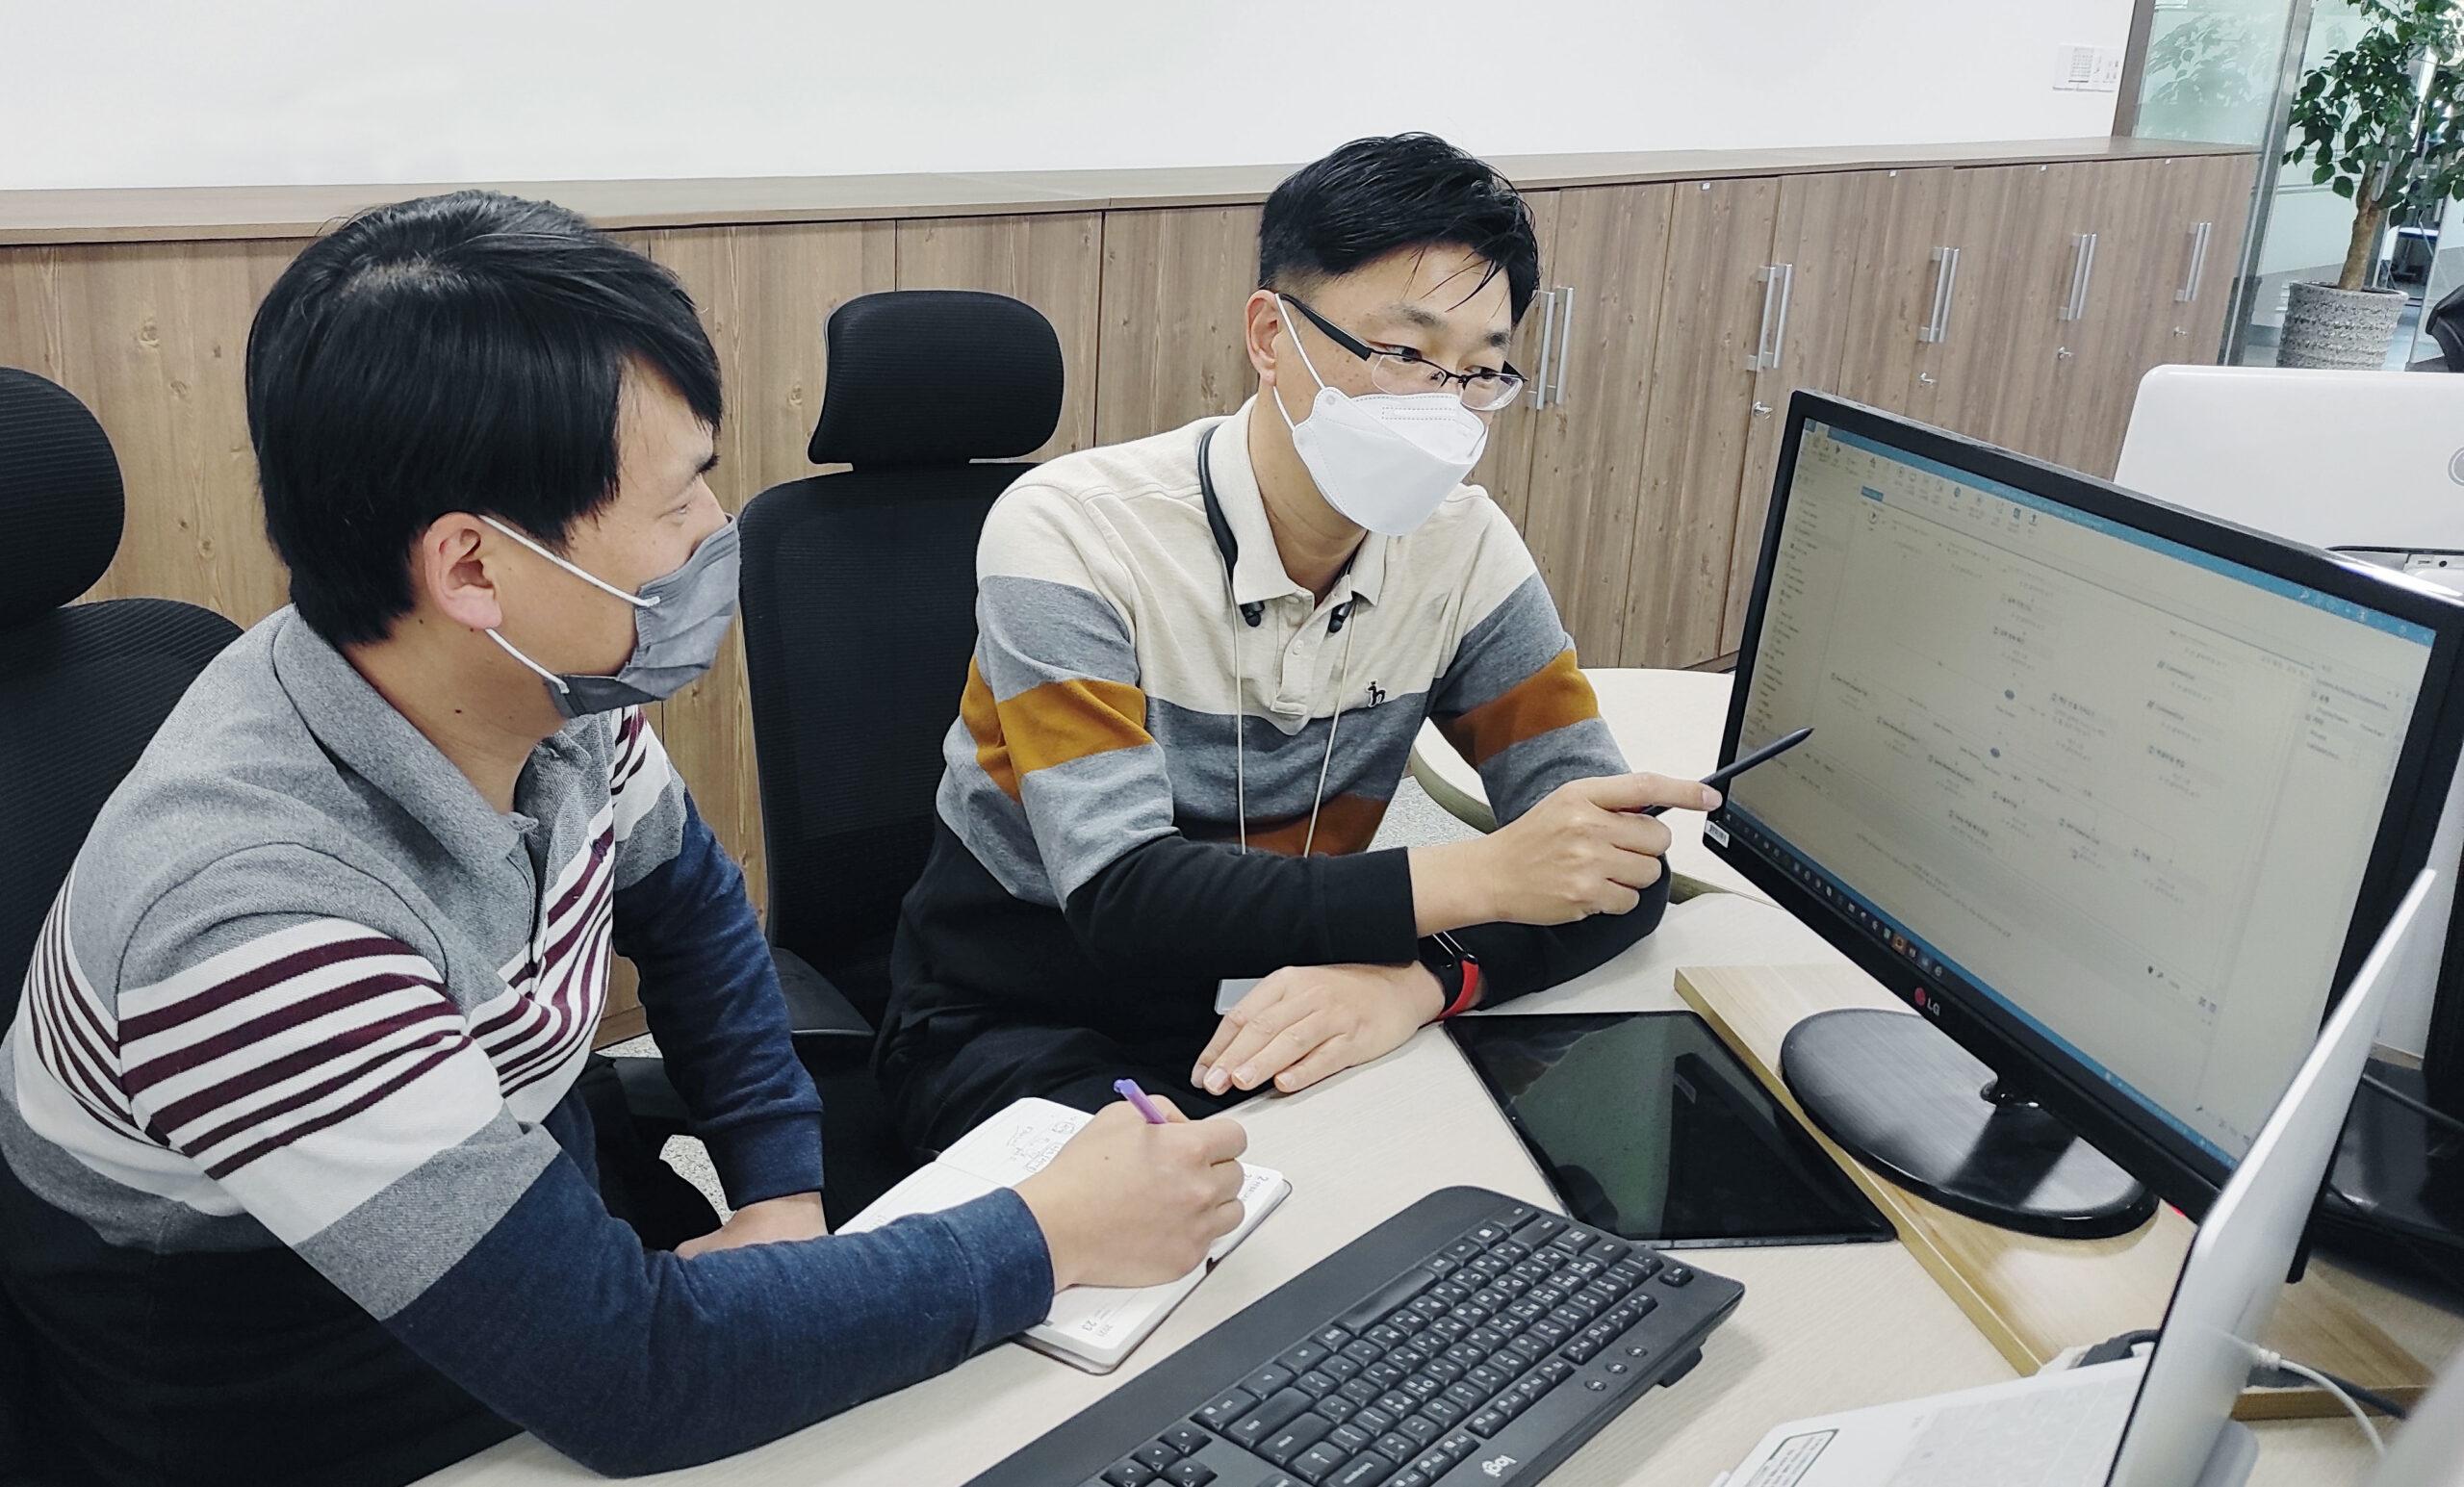 LG전자, 올해부터 협력사 RPA 도입 본격 지원